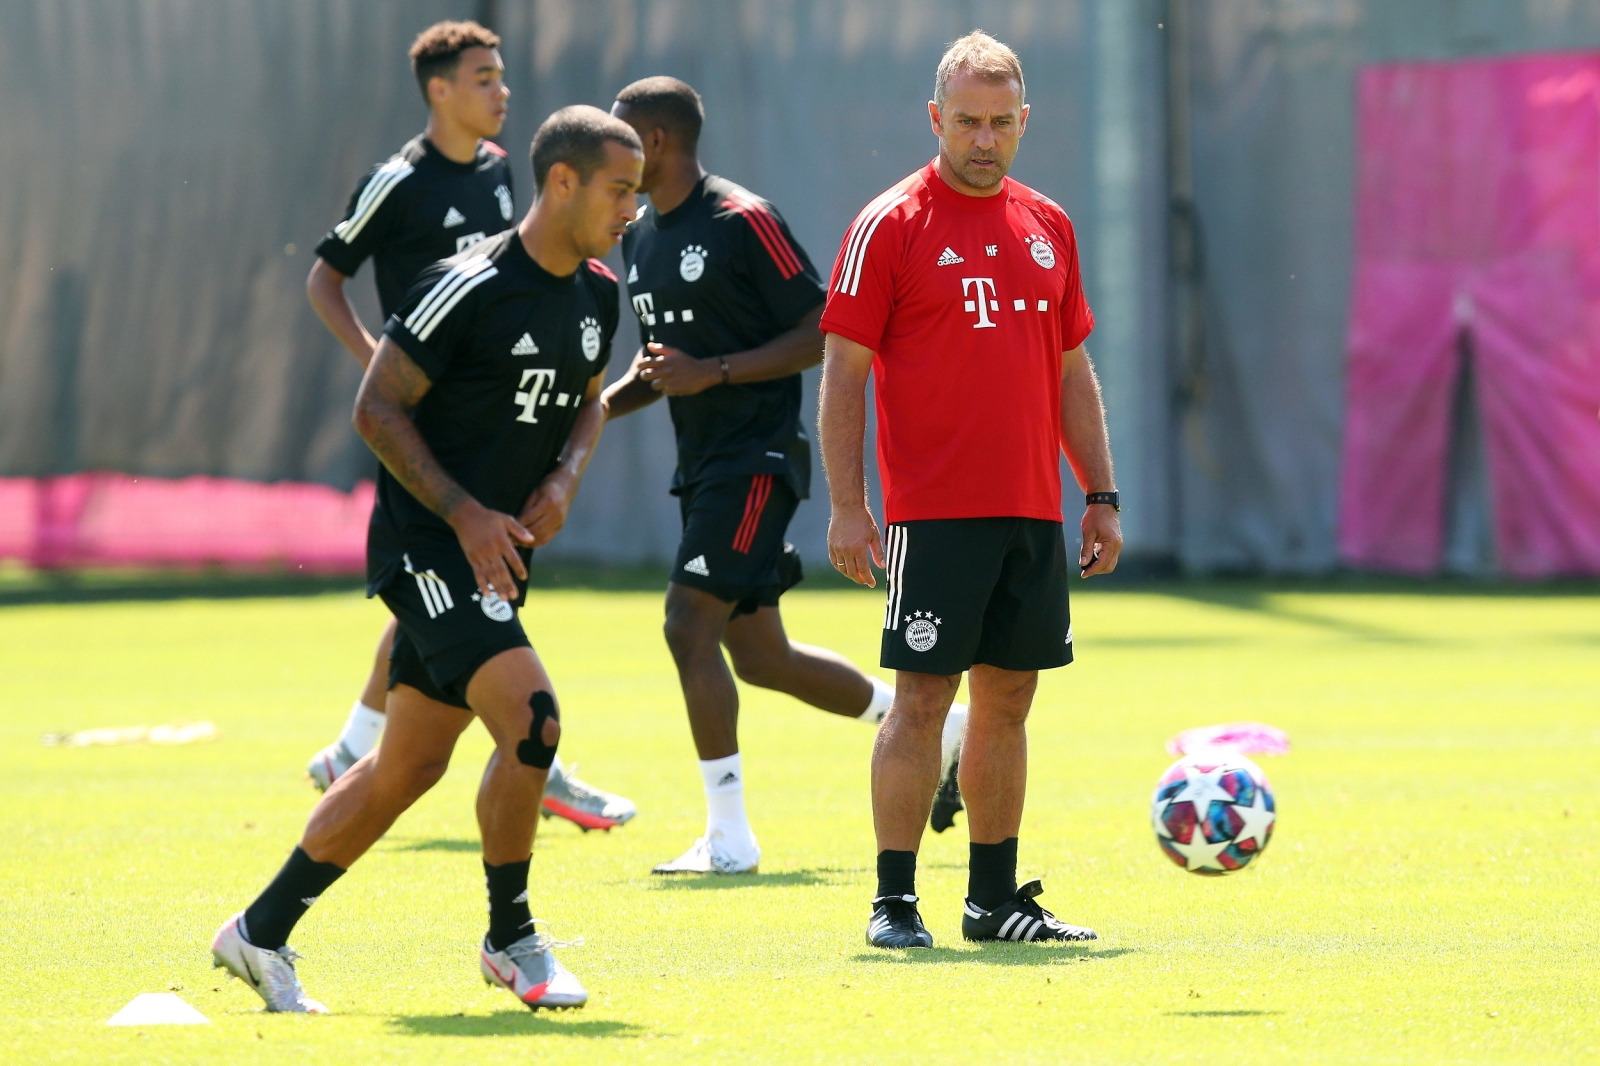 Liga Mistrzów. Bayern Monachium - Chelsea FC. Hansi Flick szykuje niespodziankę w składzie - Sport WP SportoweFakty